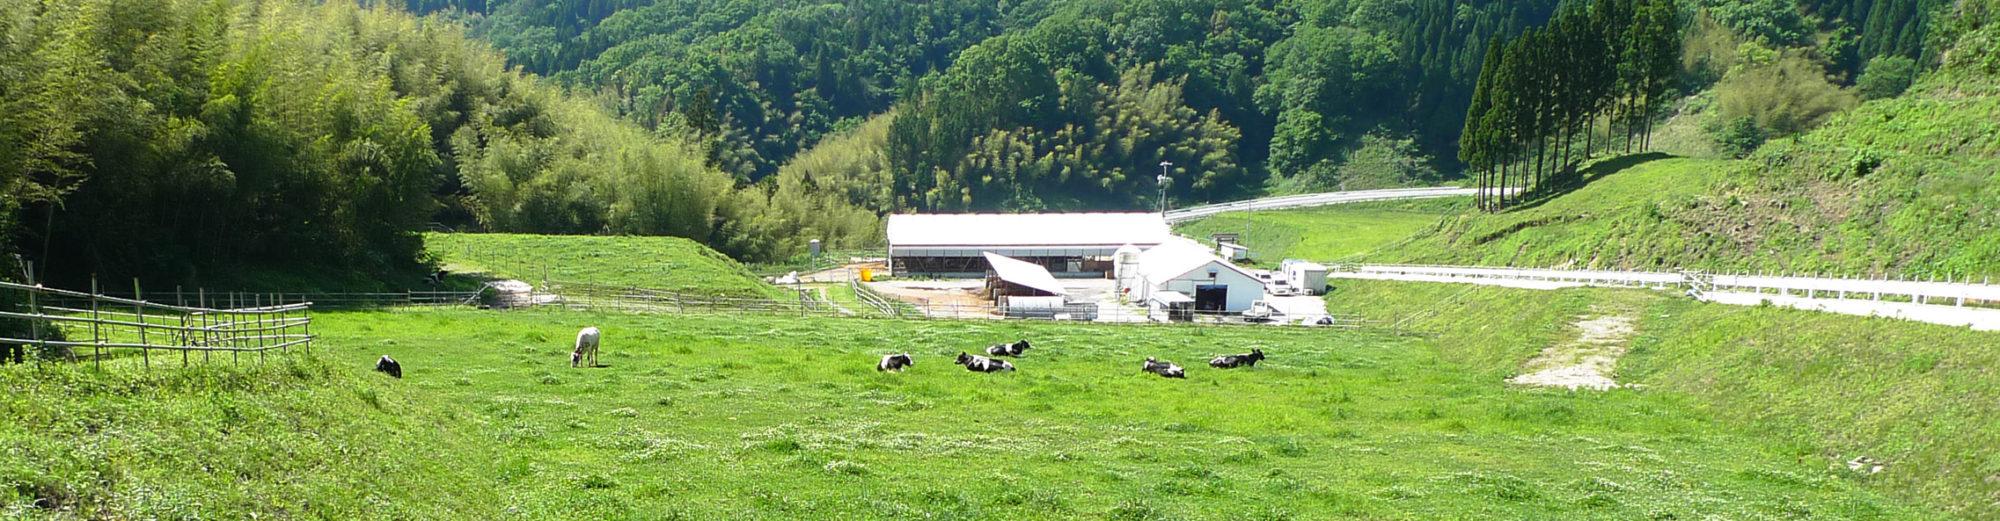 森と畑と牛と